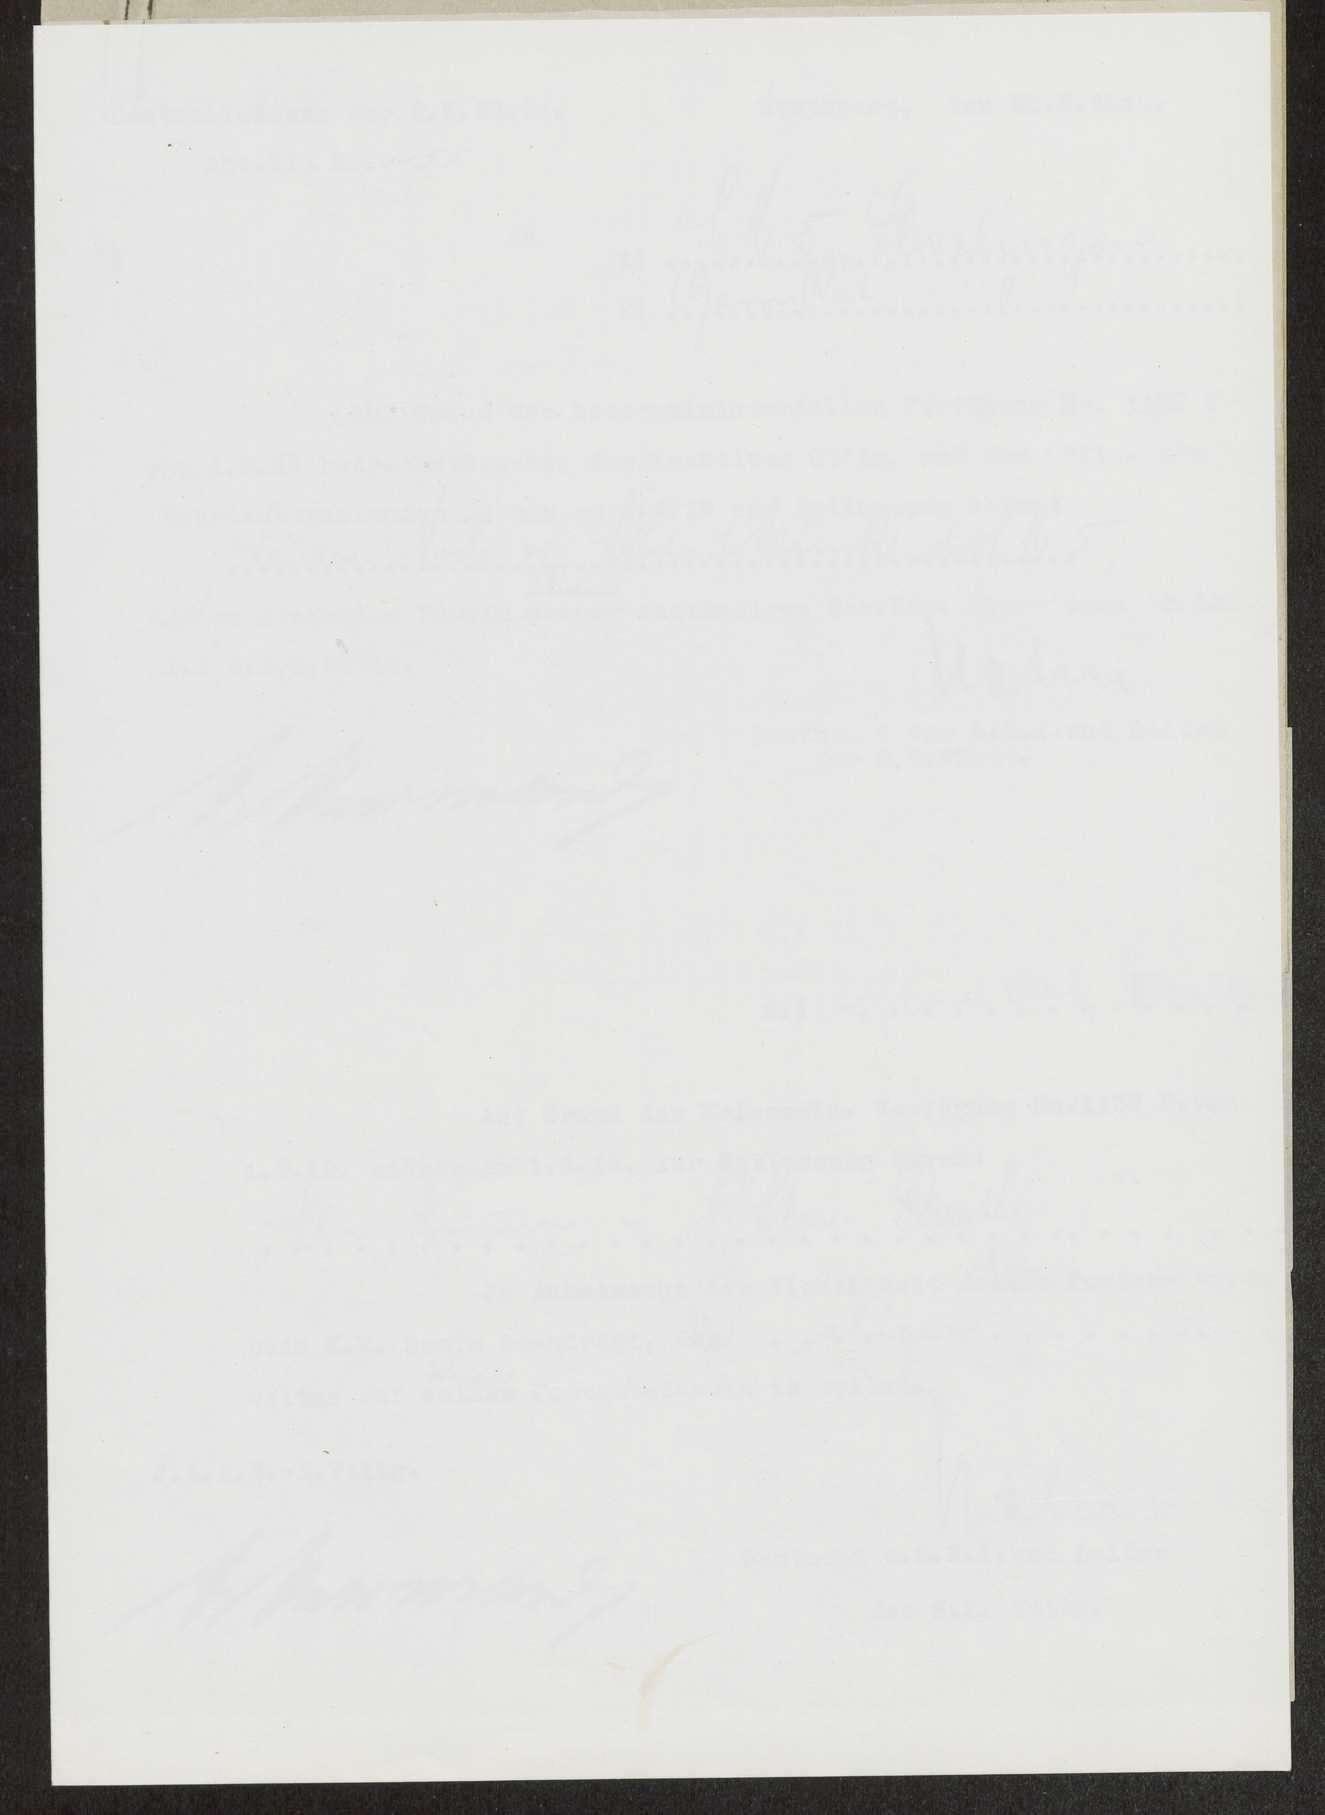 Entlassungsgesuche und Entlassungen einzelner Offiziere, Bild 1